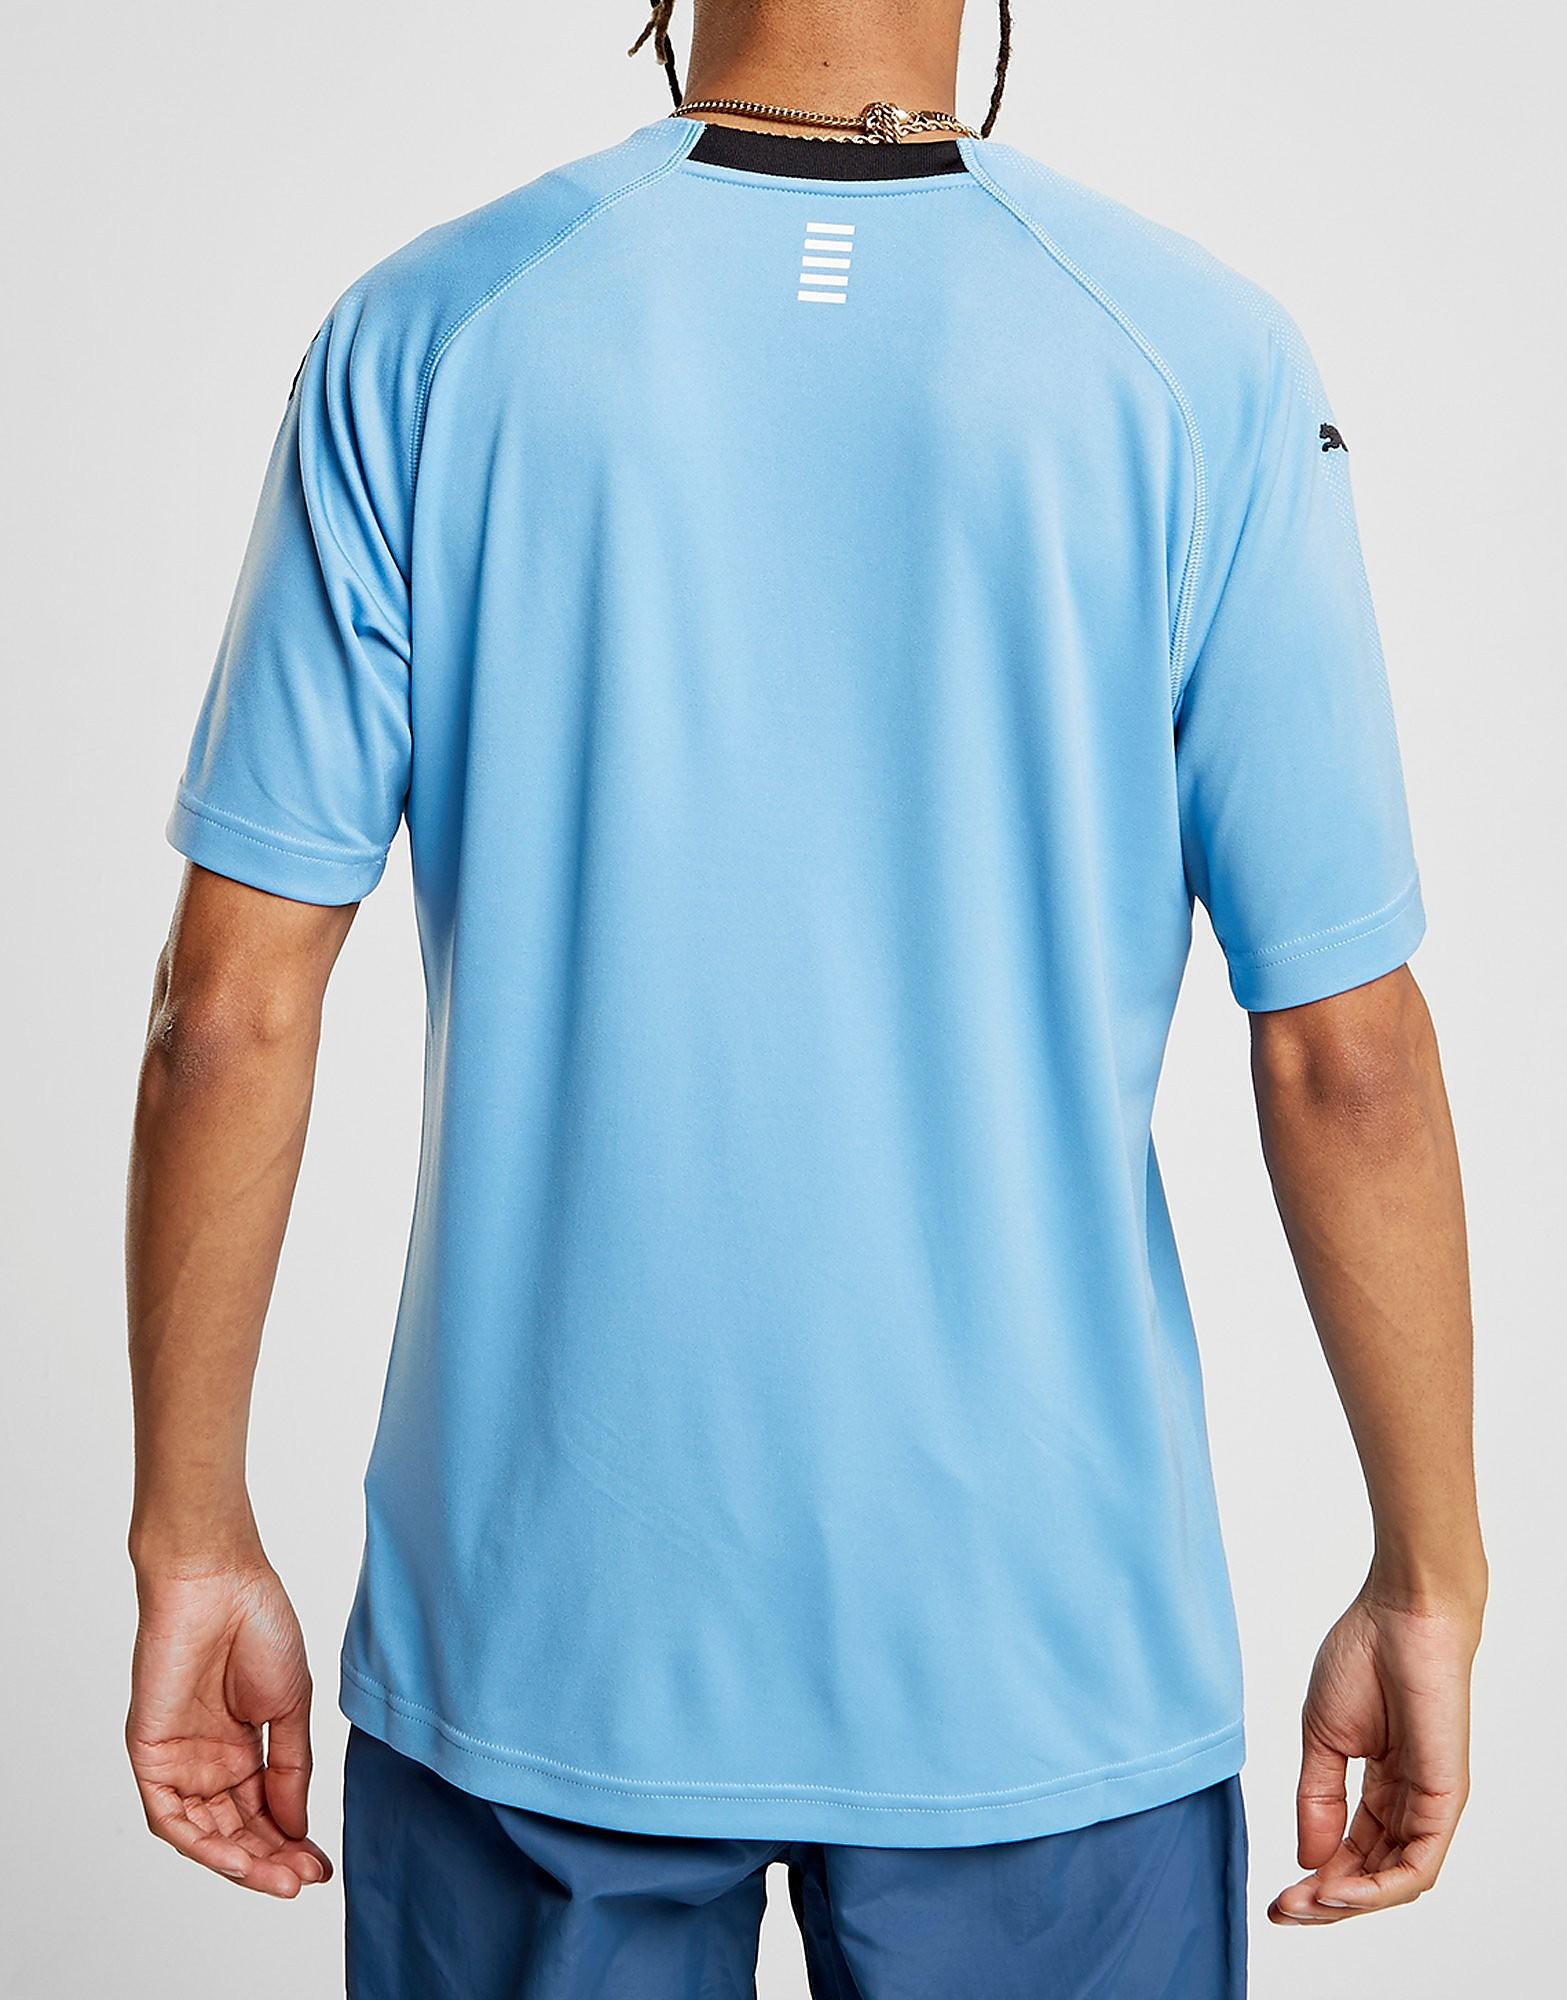 PUMA Uruguay 2018 Home Shirt